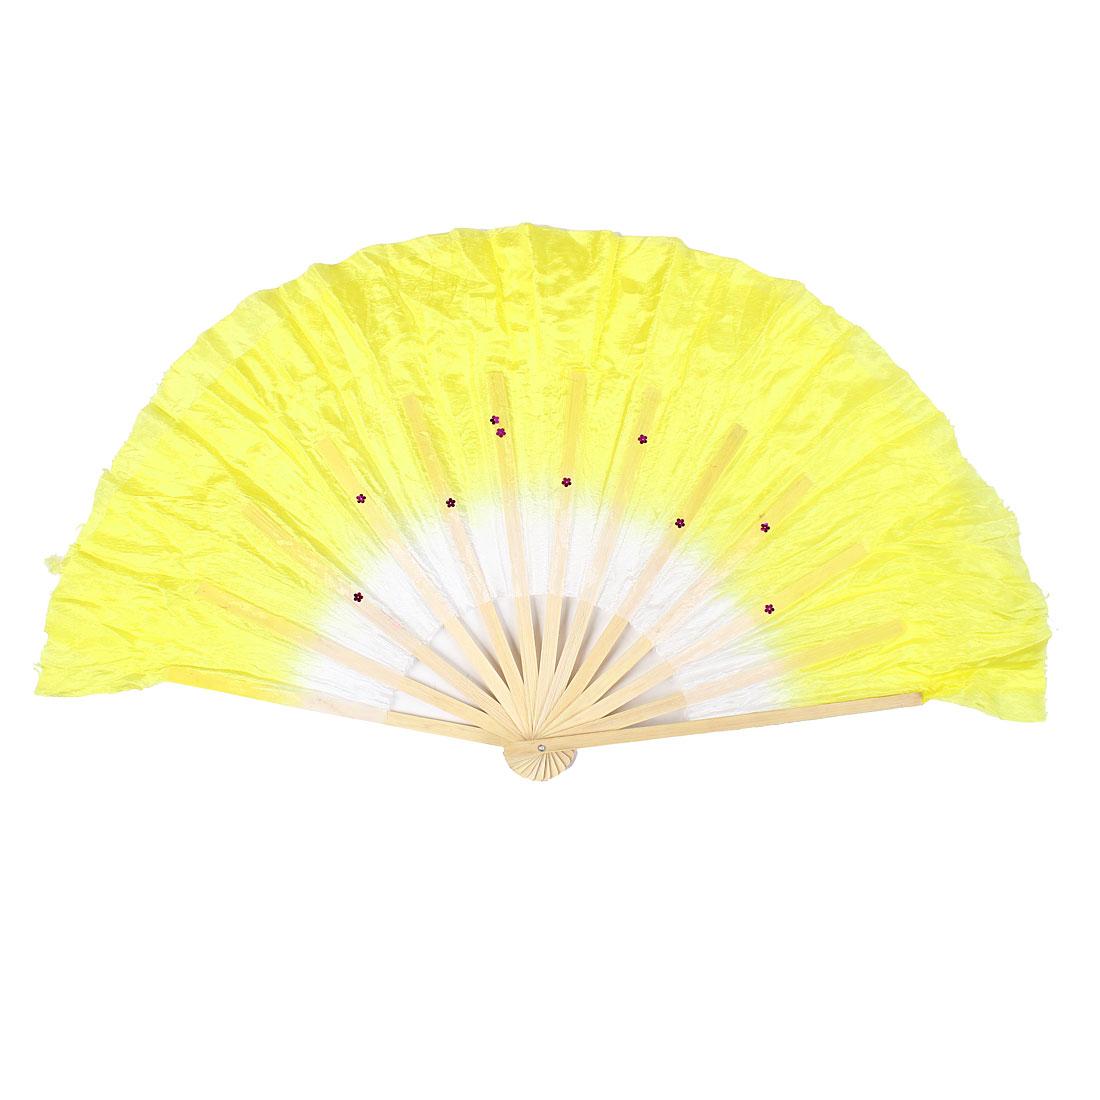 Bamboo Frame Glitter Flower Sequin Detail Folded Dancing Hand Fan Yellow White